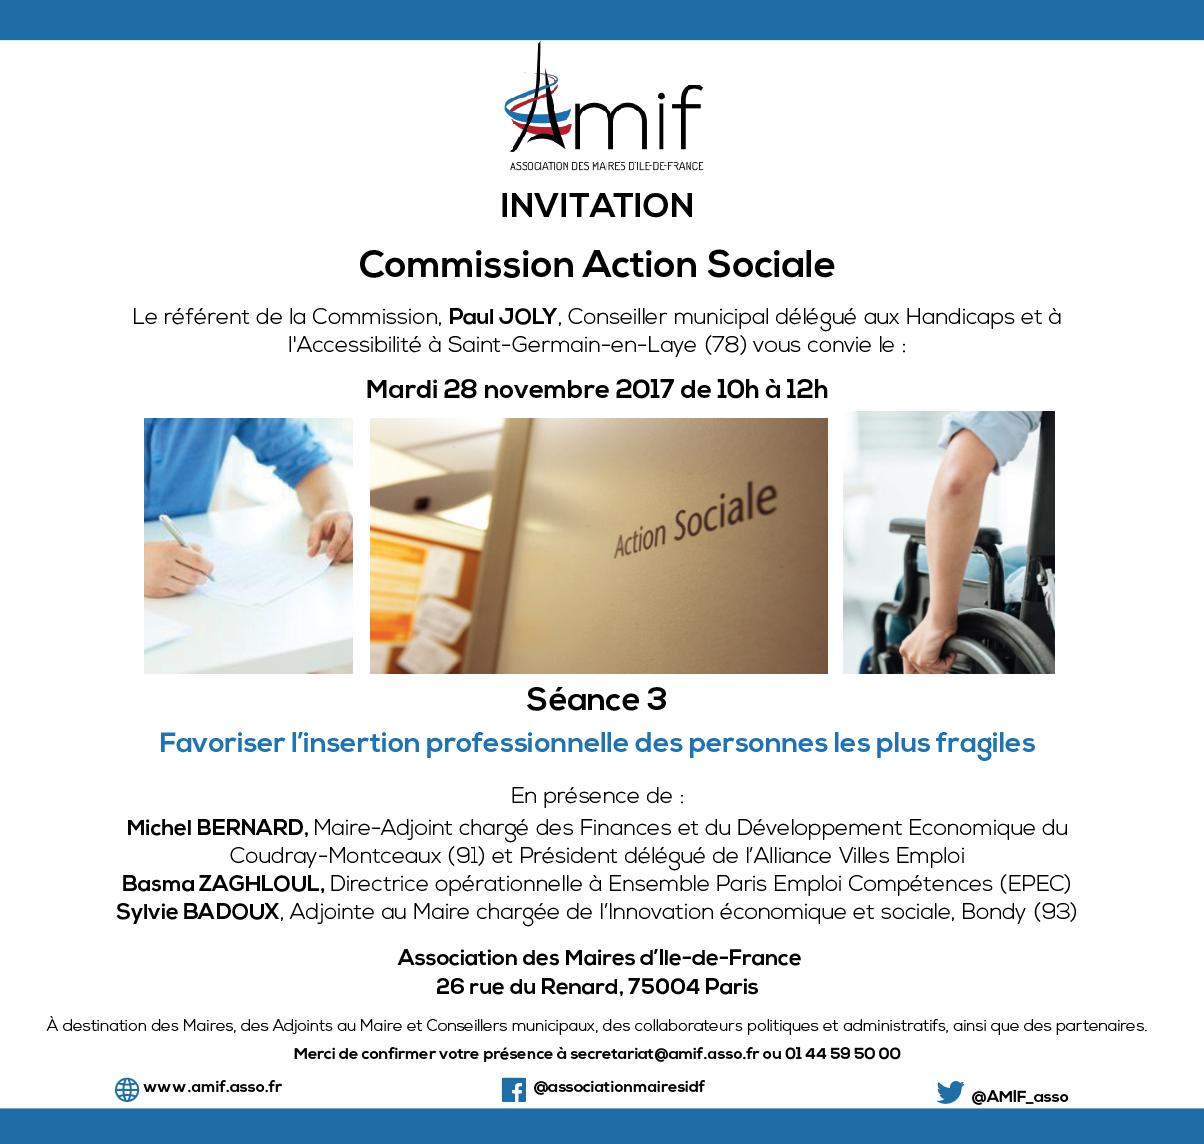 Commission Action sociale - Séance 3 - Mardi 28 novembre 2017 - 10h-12h